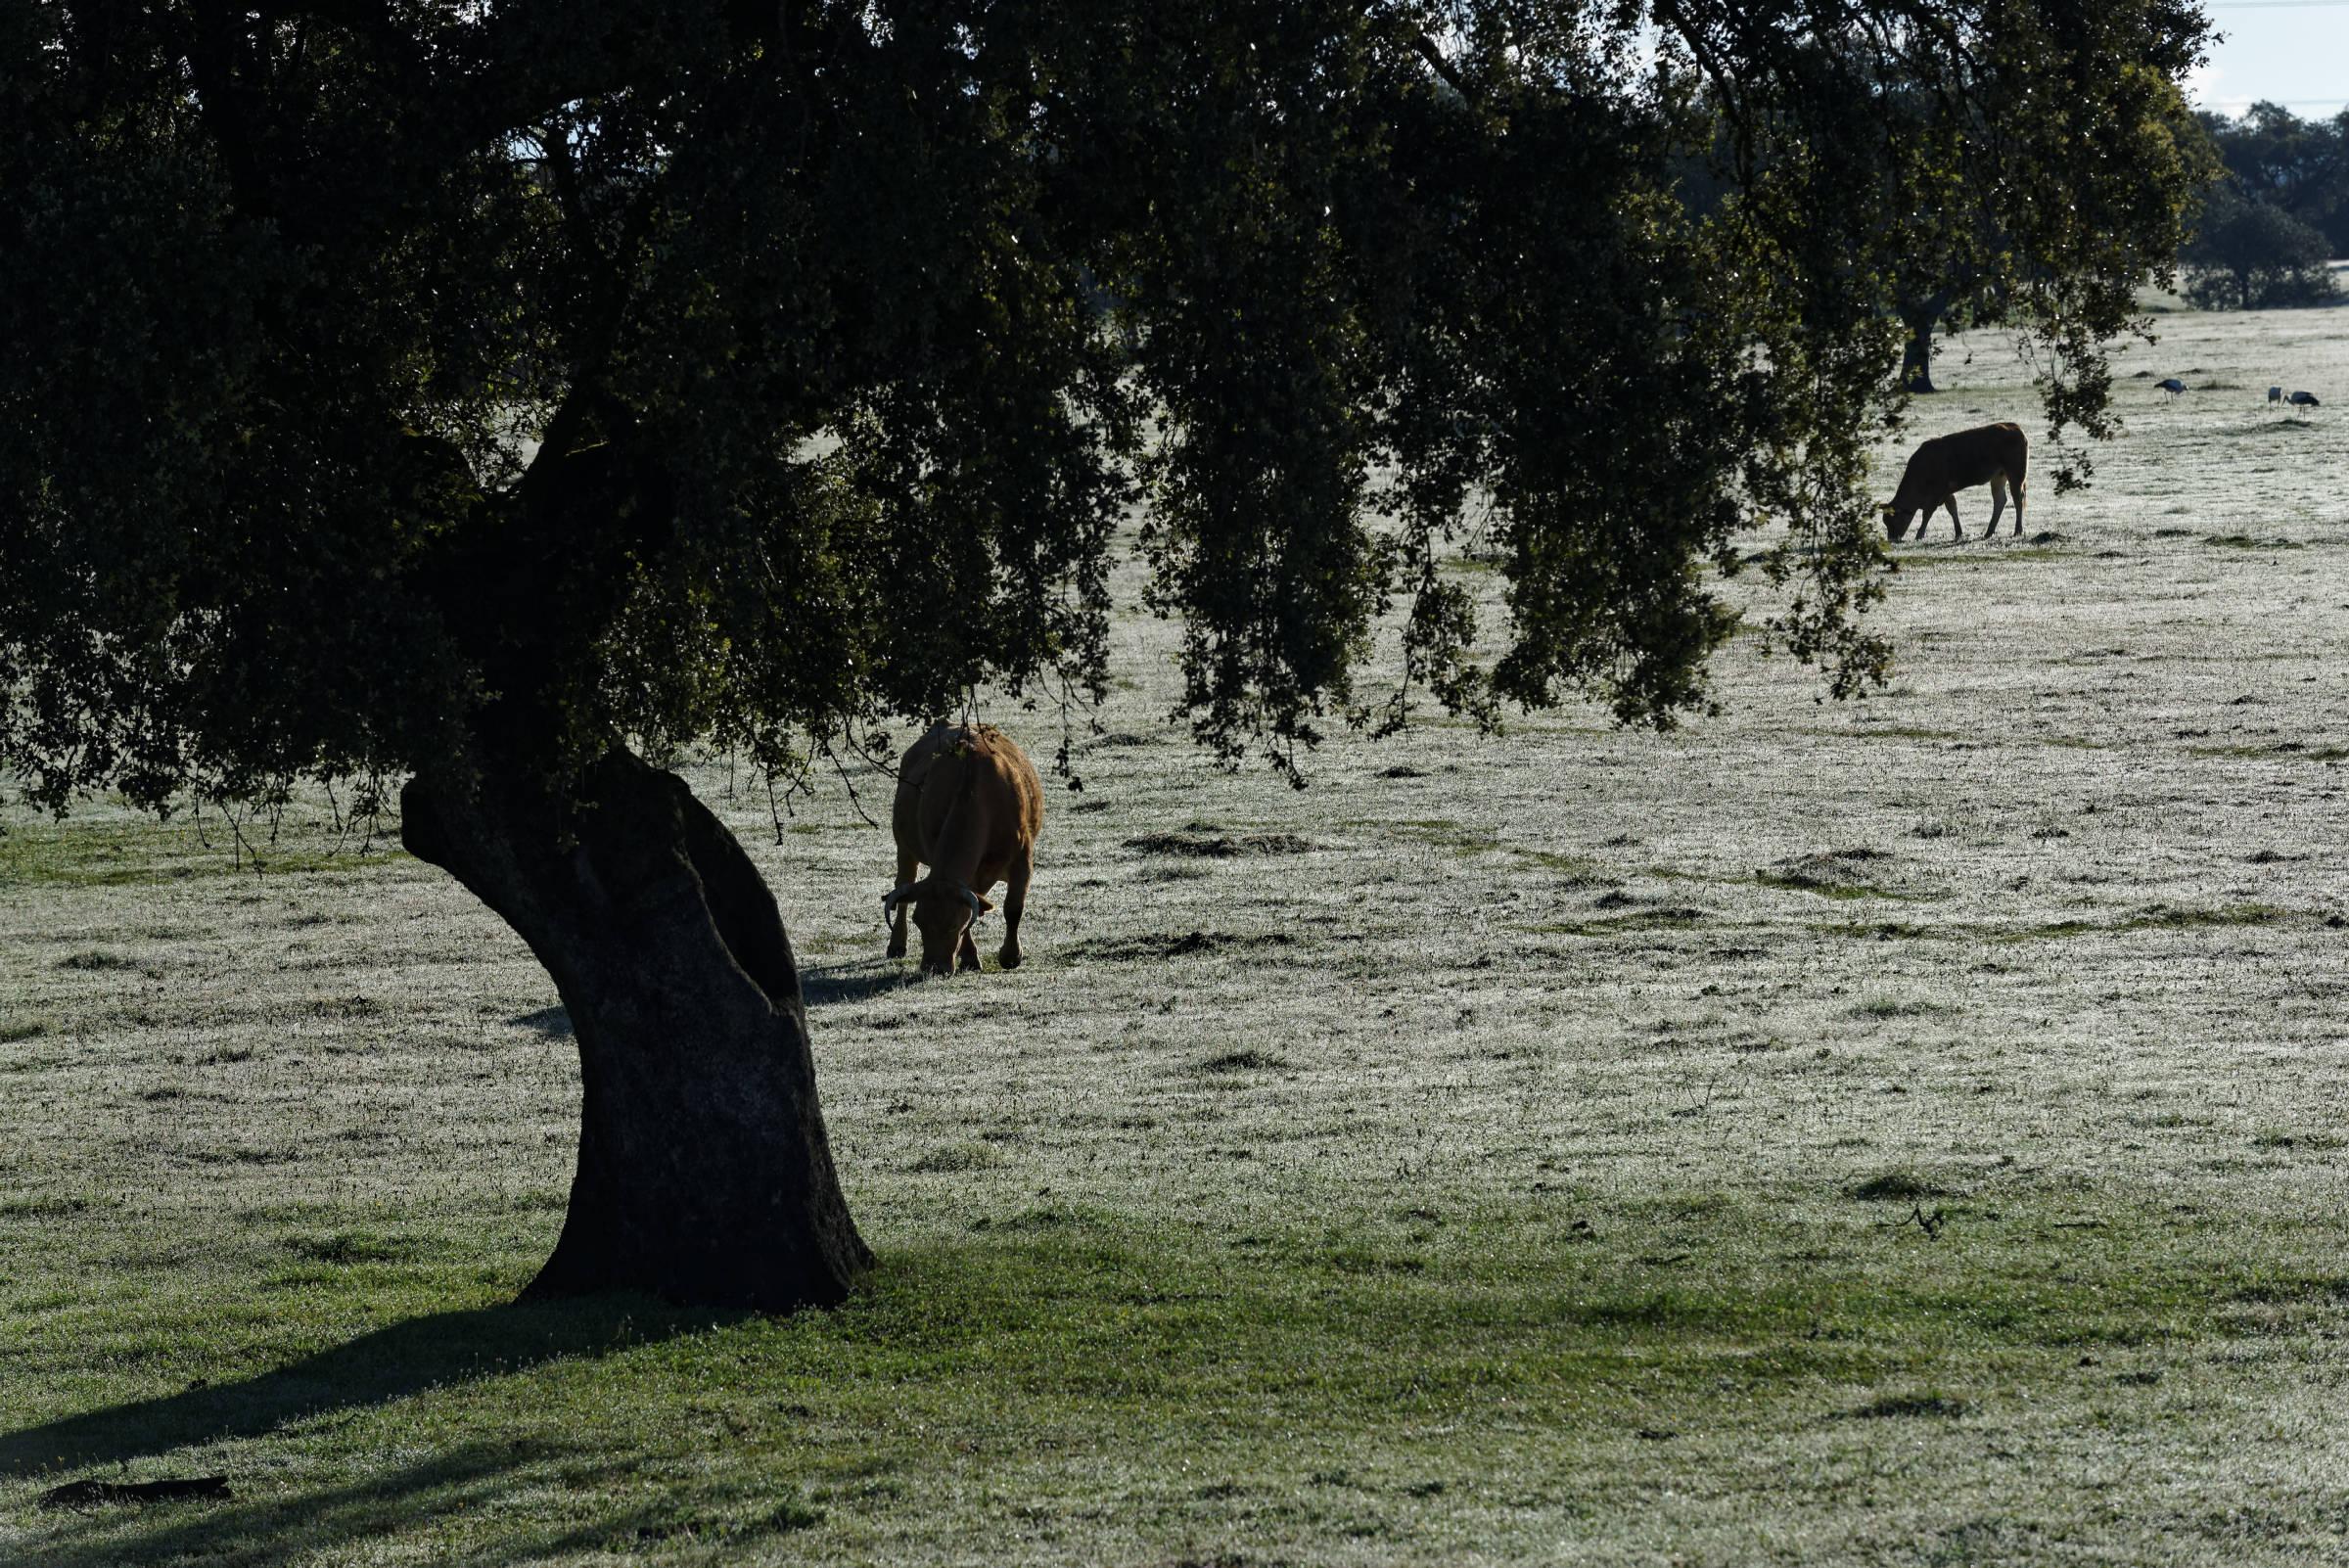 160405-parc national de monfrague (Estremadure) (102)